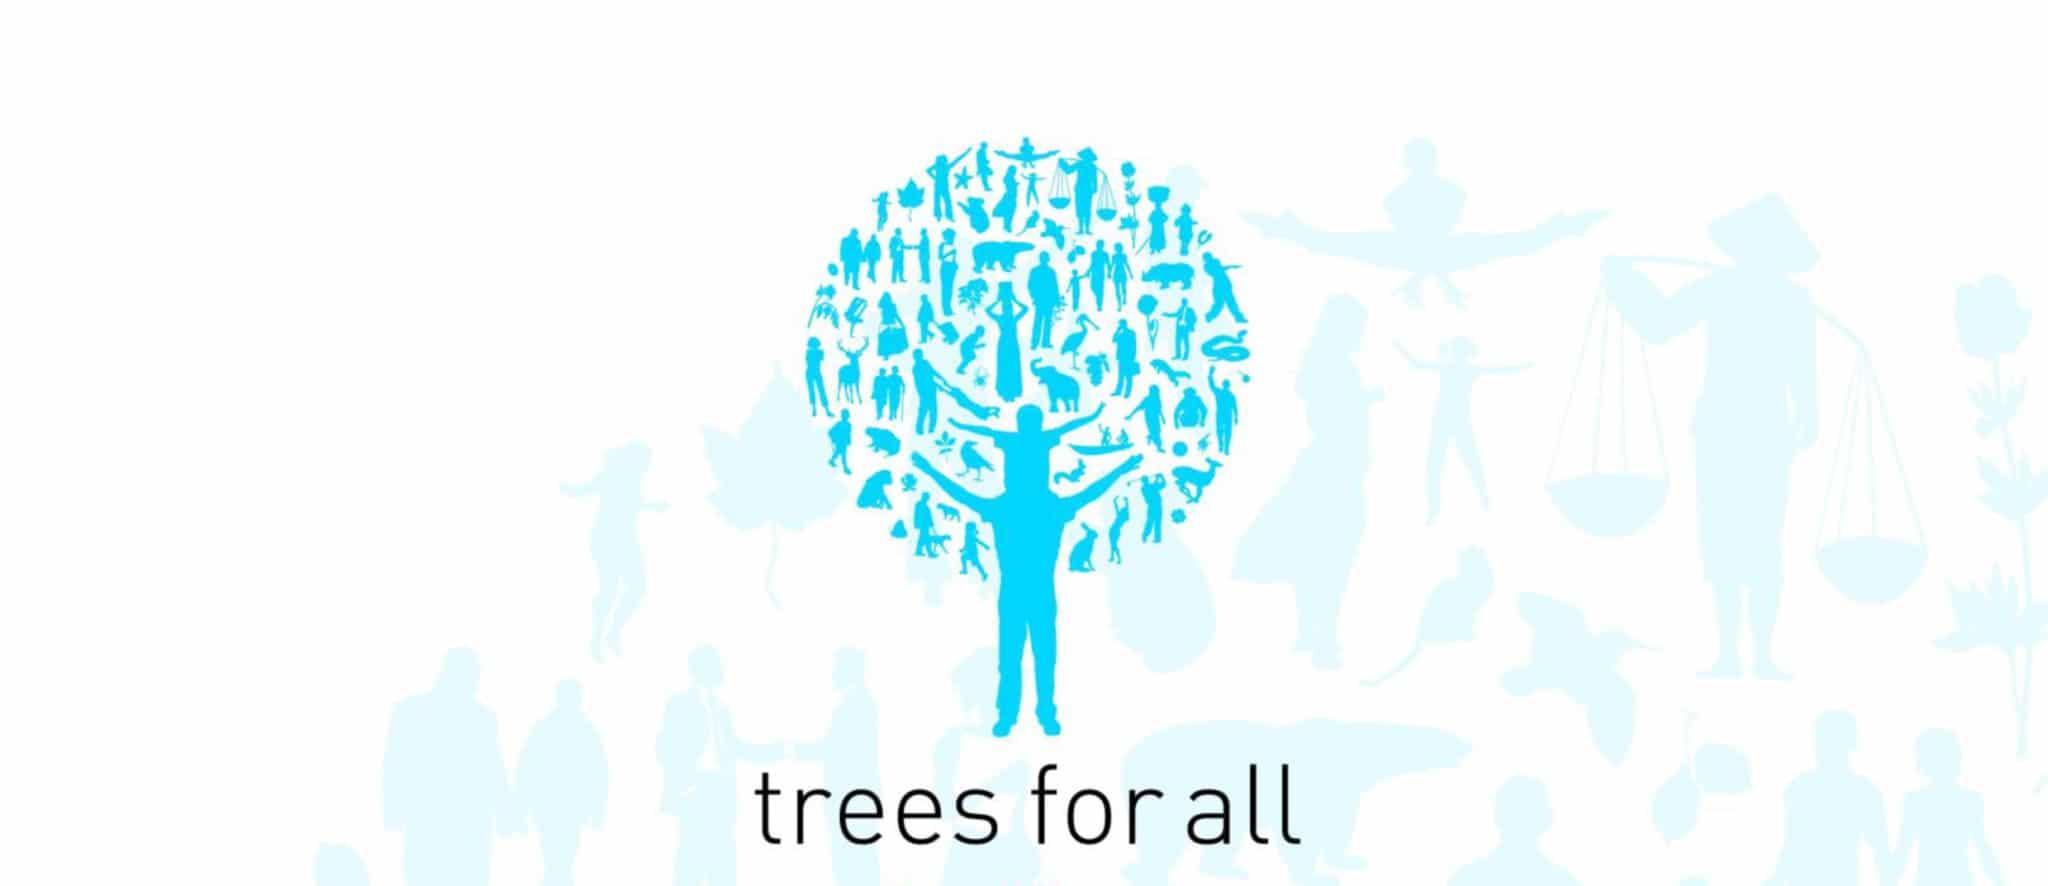 1250 bomen dragen bij aan een mooiere wereld